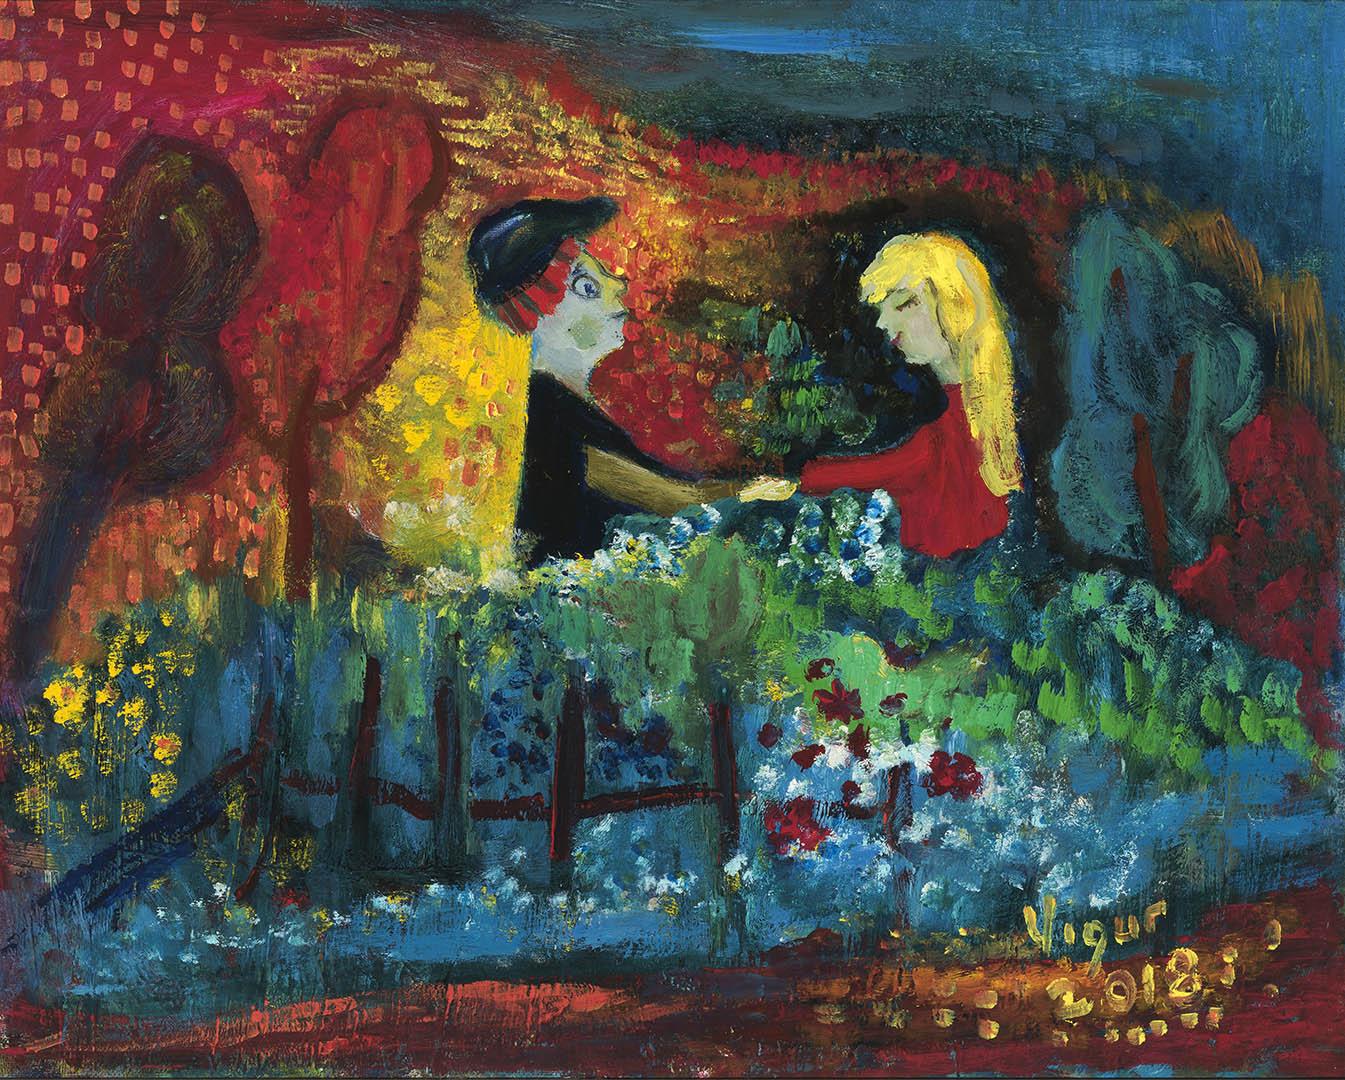 """Virginija Guršnienė. """"Jaunystė"""", 2018 m. Drobė, aliejus; 40 x 50 cm"""